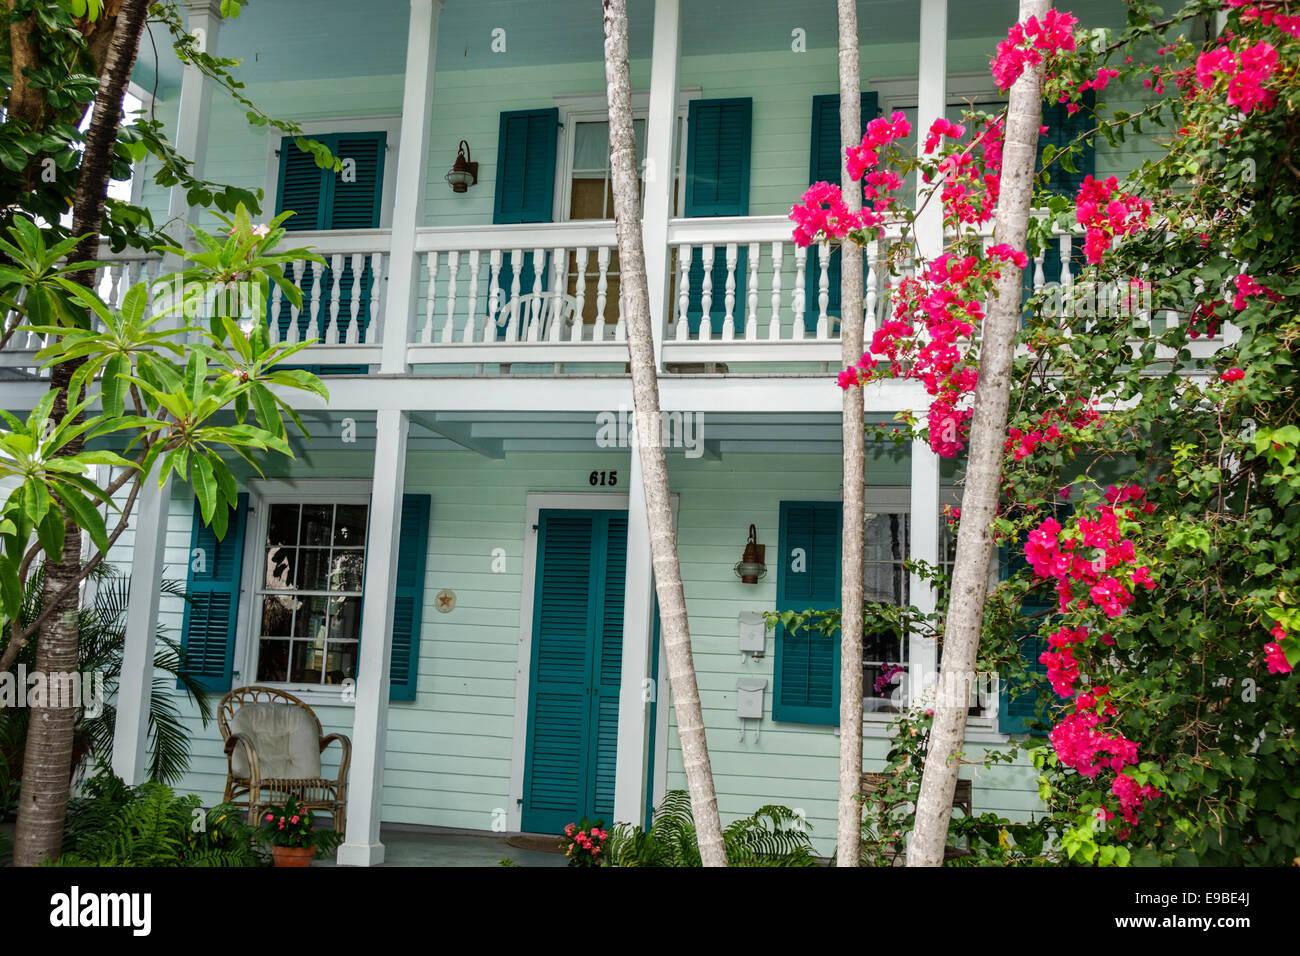 Florida Key West Frances Straße Haus Hause Privatresidenz Balkon Geländer  Tropischen Vegetation Landschaftsbau Stockbild